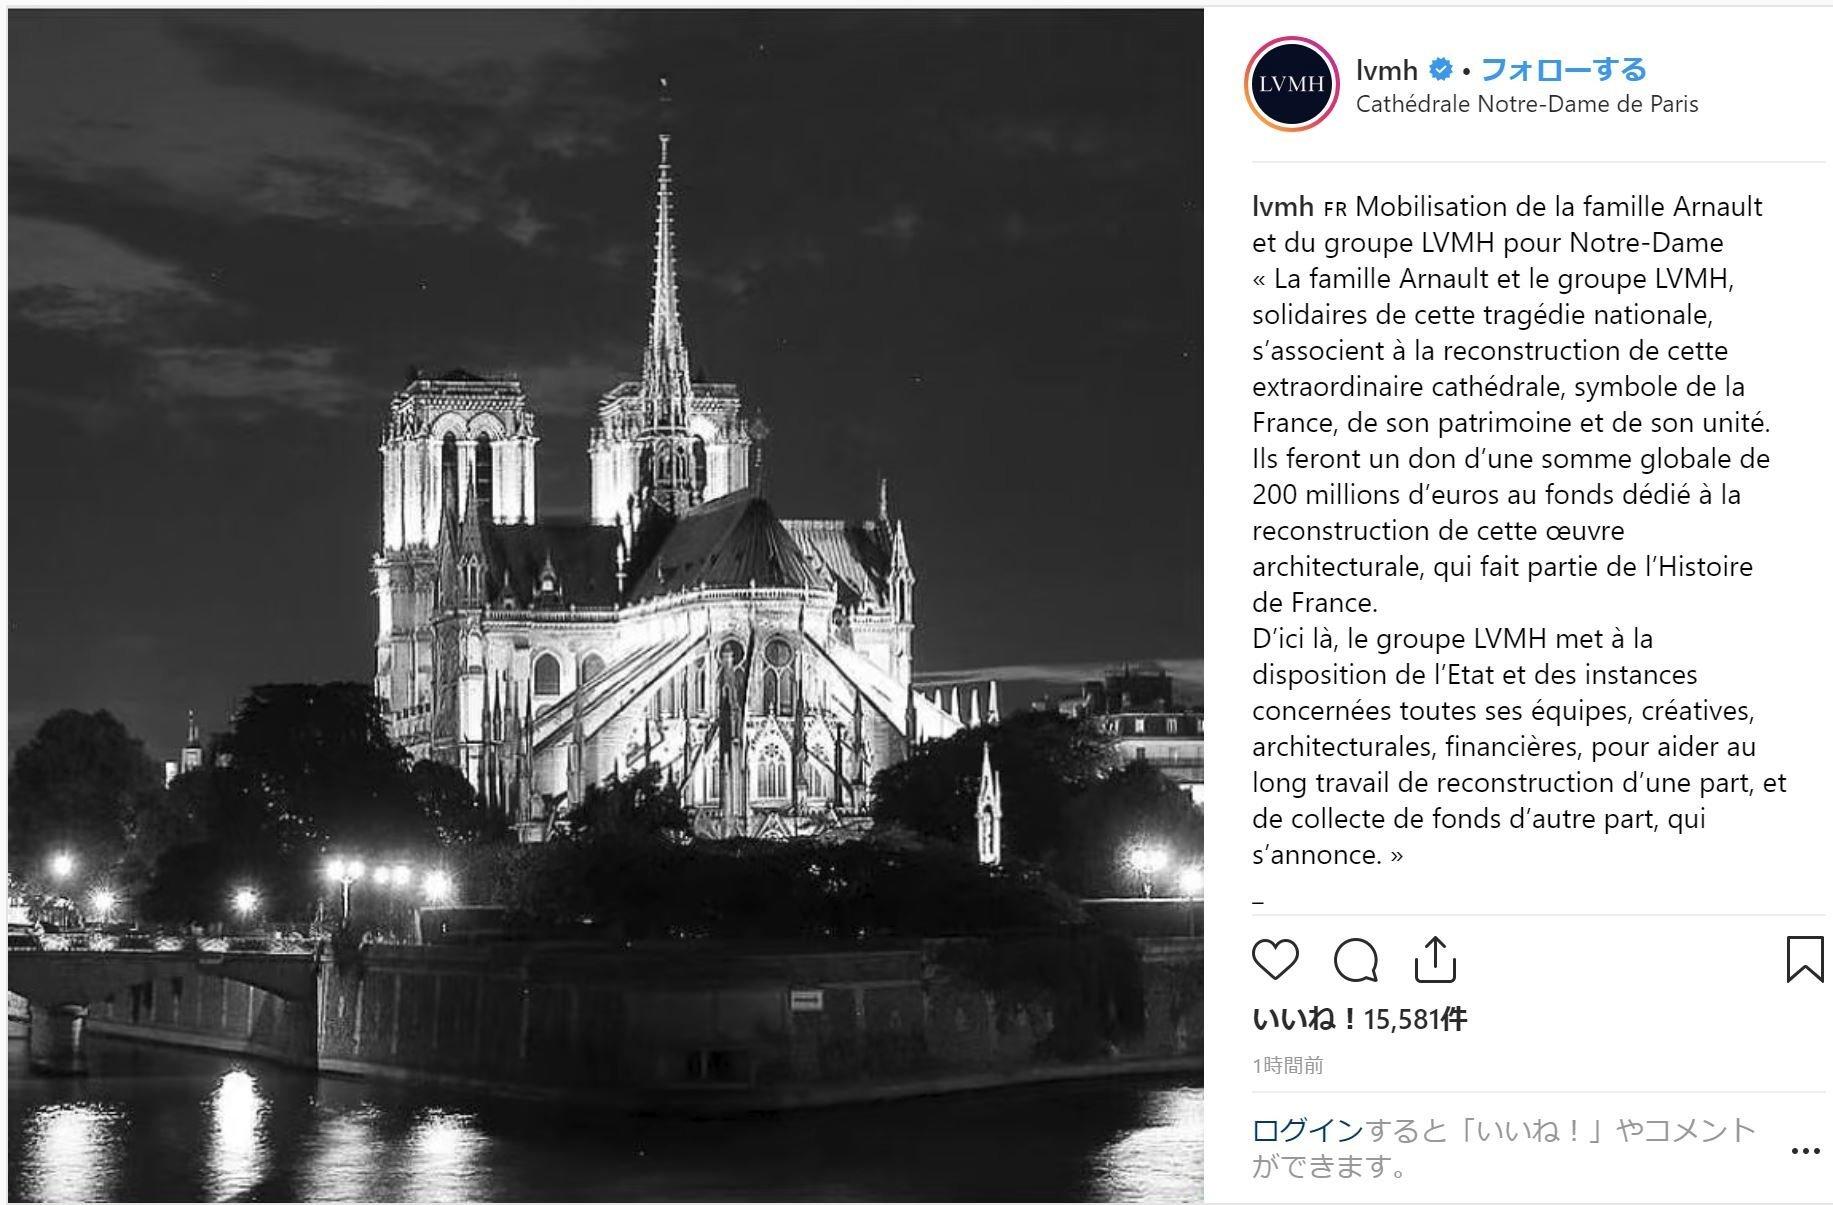 ノートルダム大聖堂の大火で約253億円を寄付へ。ルイ・ヴィトングループ「LVMH」とアルノー家